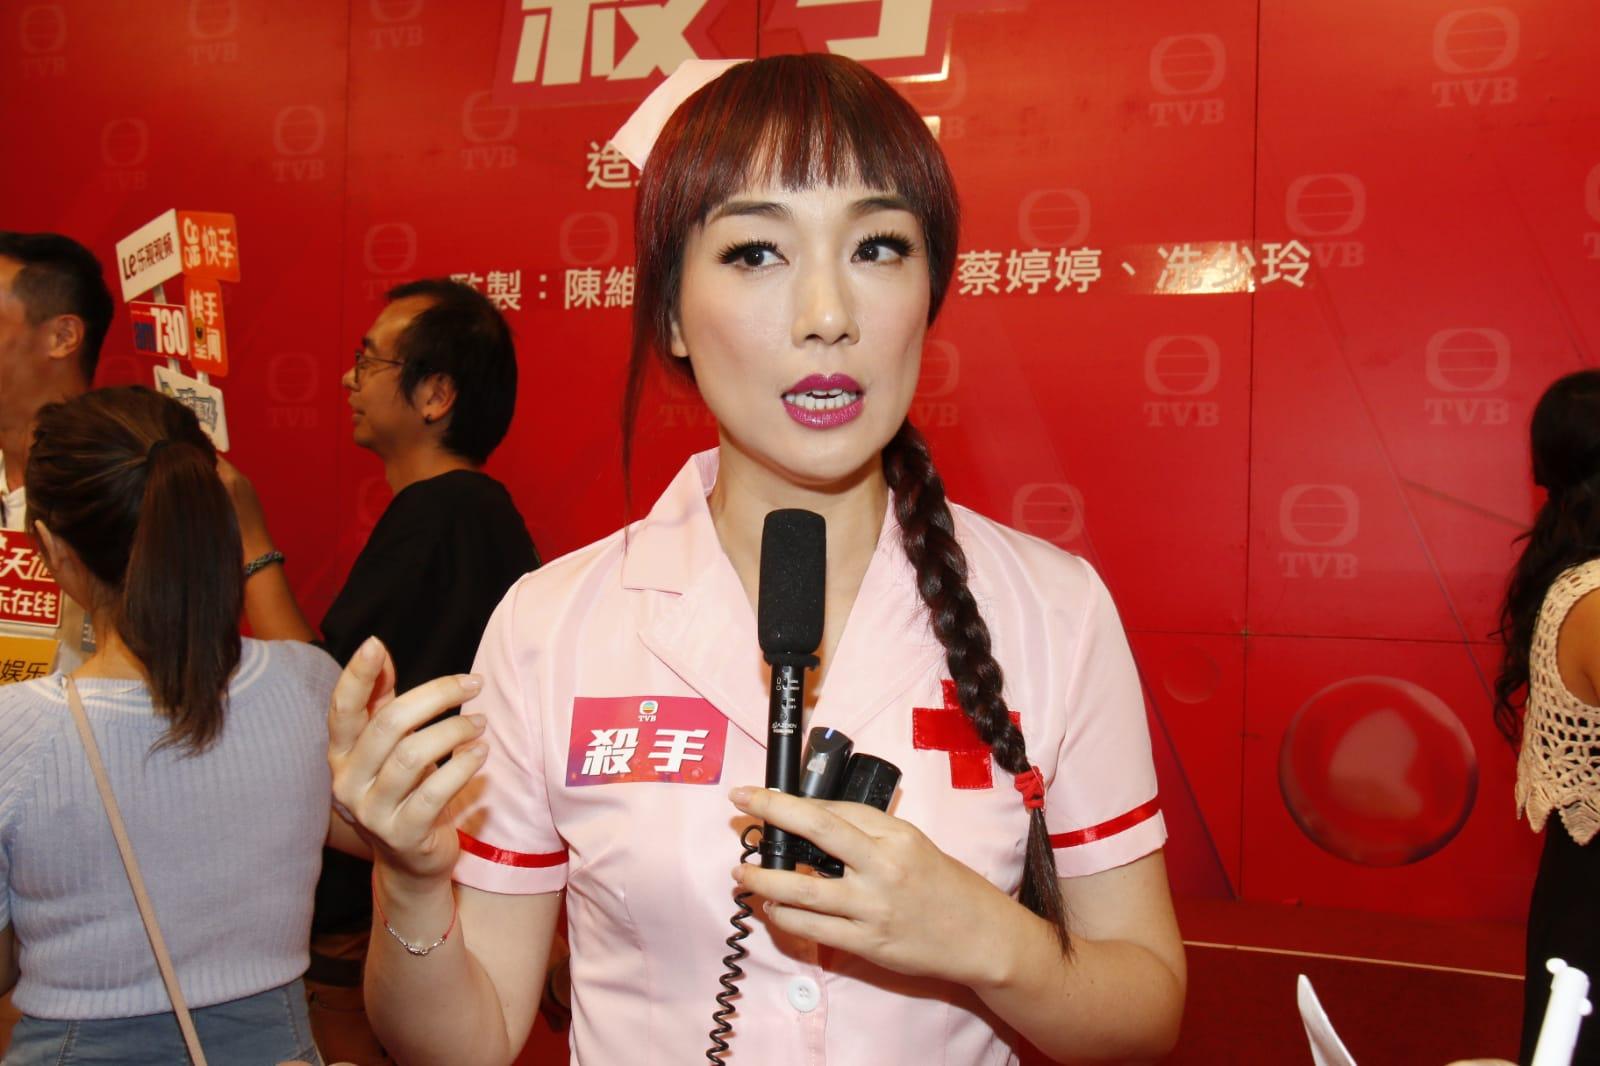 江美儀拍完新劇轉部頭合約。